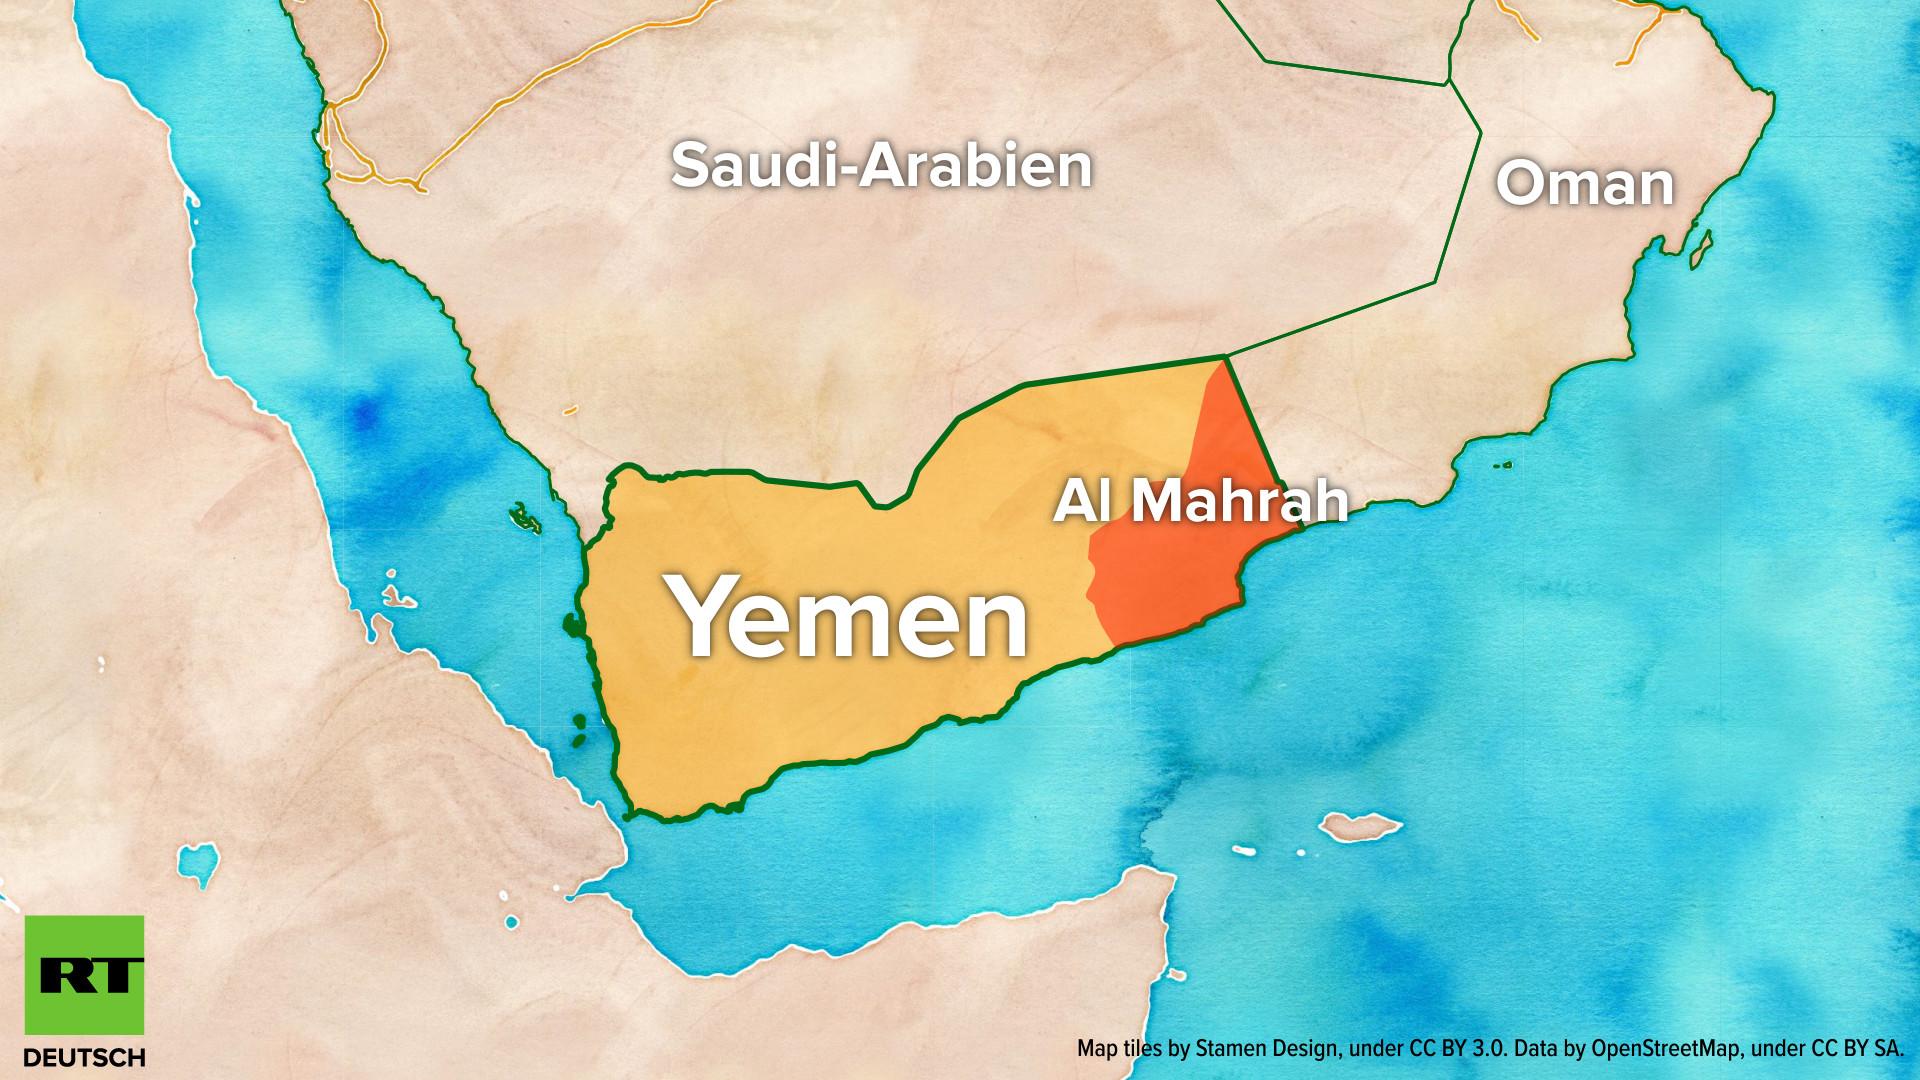 Mal wieder geht es um Öl: Saudi-Arabien plant Bau von Öl-Exporthafen im Kriegsgebiet von Jemen